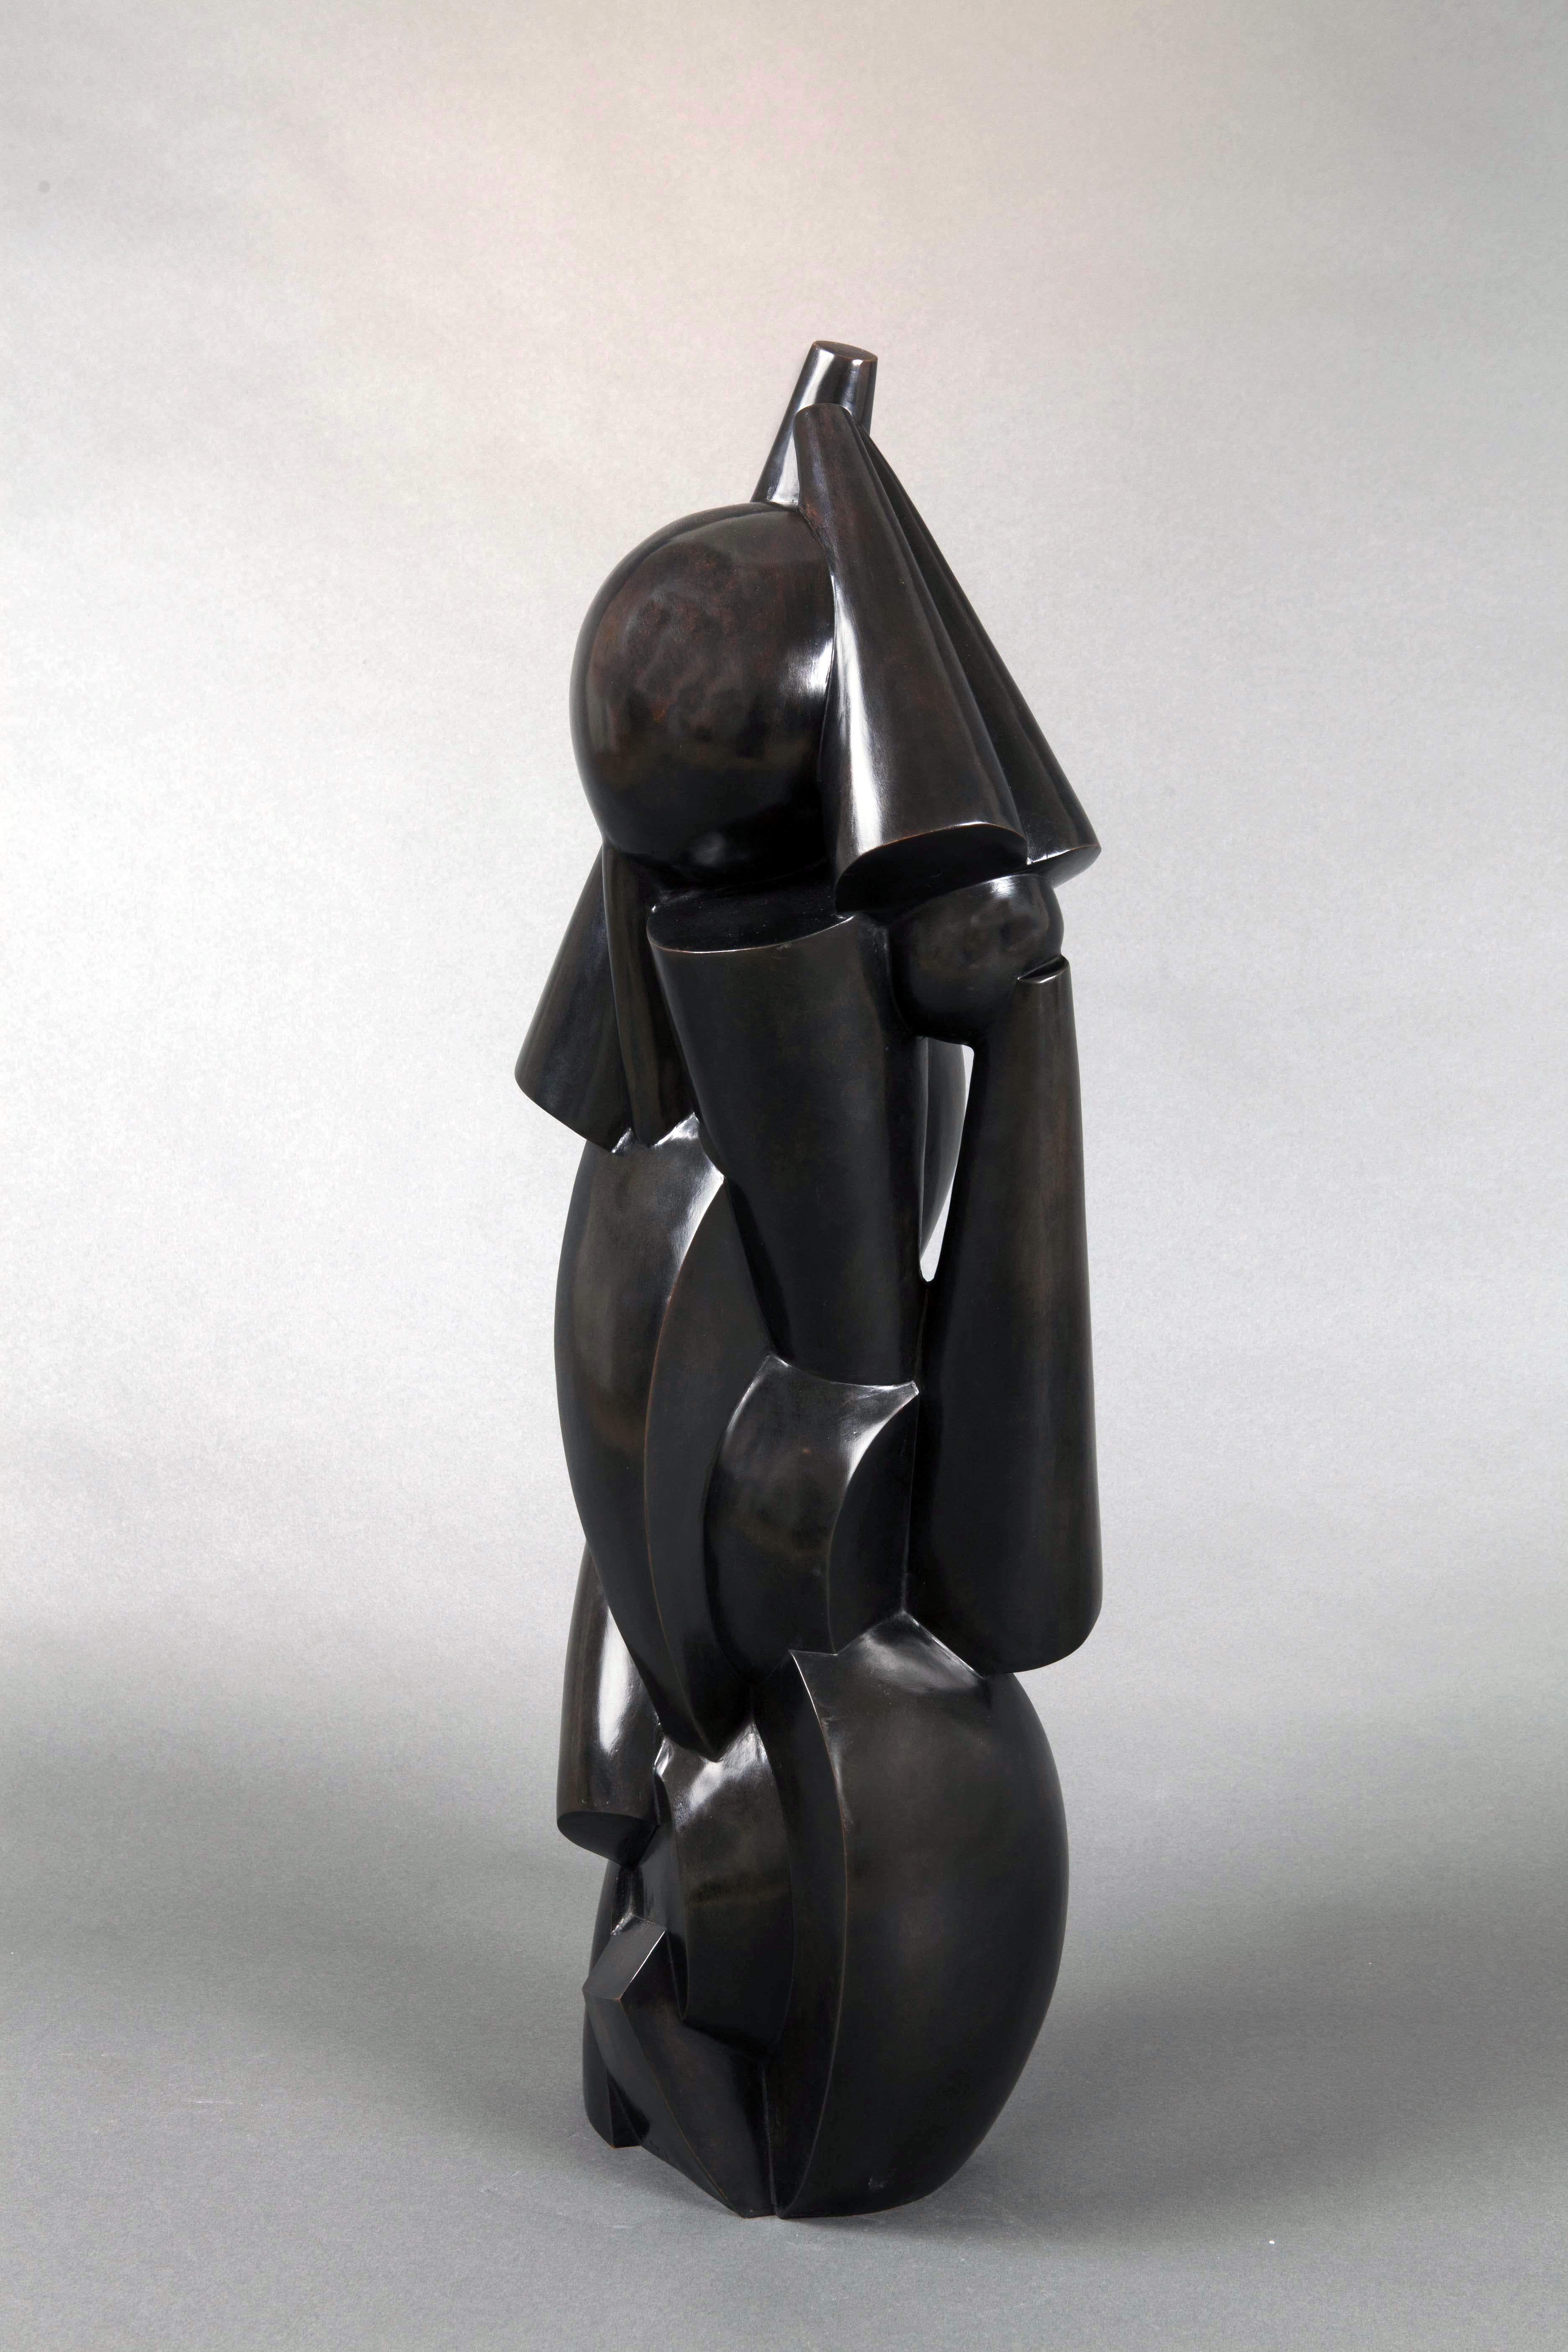 Josef Csaky - Enfant ou Composition cubiste (1920) Sculpture en bronze à patine noire Fonderie Blanchet, numérotée 1/8 Signée CSAKY et frappée du cartouche d'édition AC (Atelier Csaky) H. 80 x L. 21 x P. 20 cm © archives de l'expert